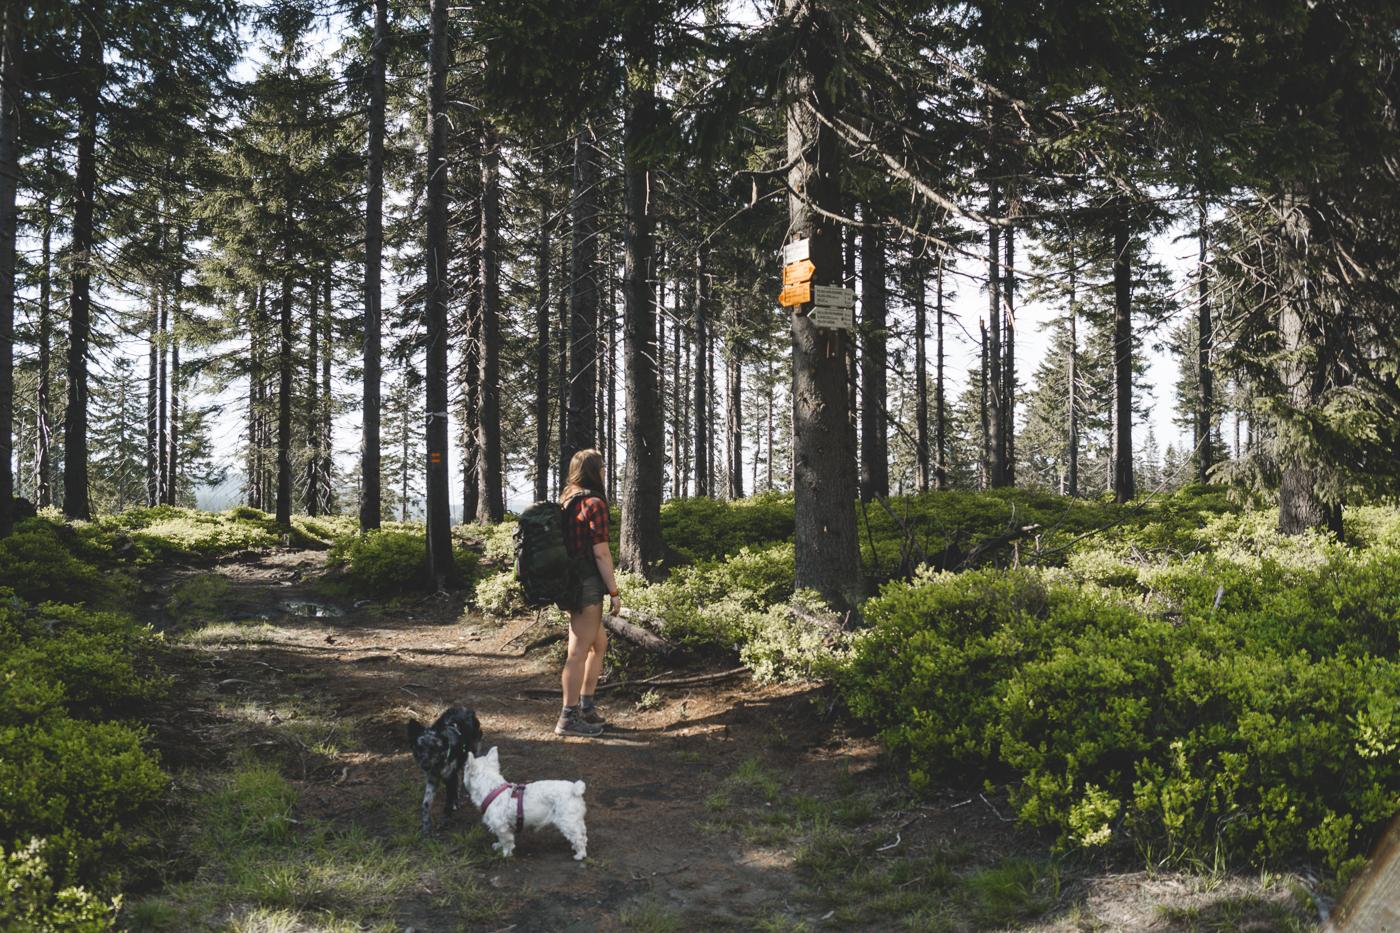 Las iglasty, rozstaj szlaków. Spoglądam na kierunkowskazy przybite do drzewa, obok mnie Fibi i Krakers.